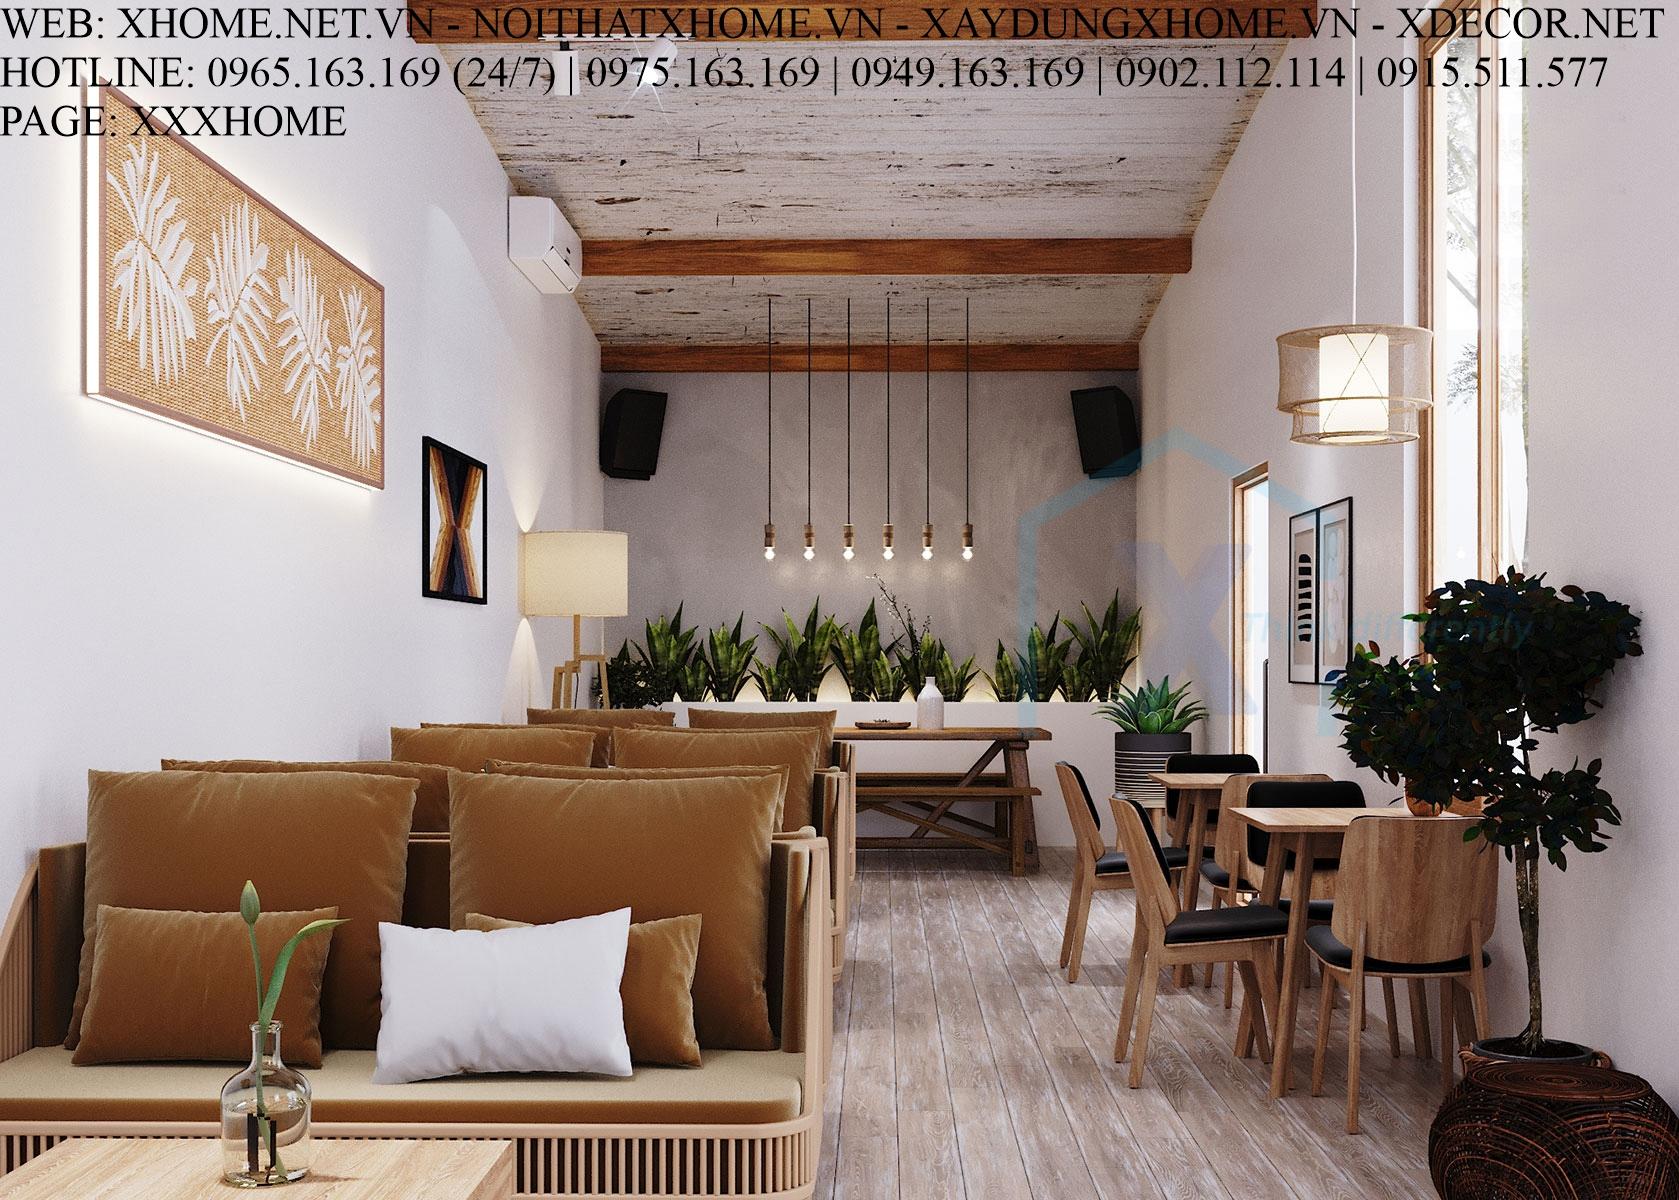 THIẾT KẾ THI CÔNG KIẾN TRÚC QUÁN CAFÉ X HOME HÀ NỘI XHOME05